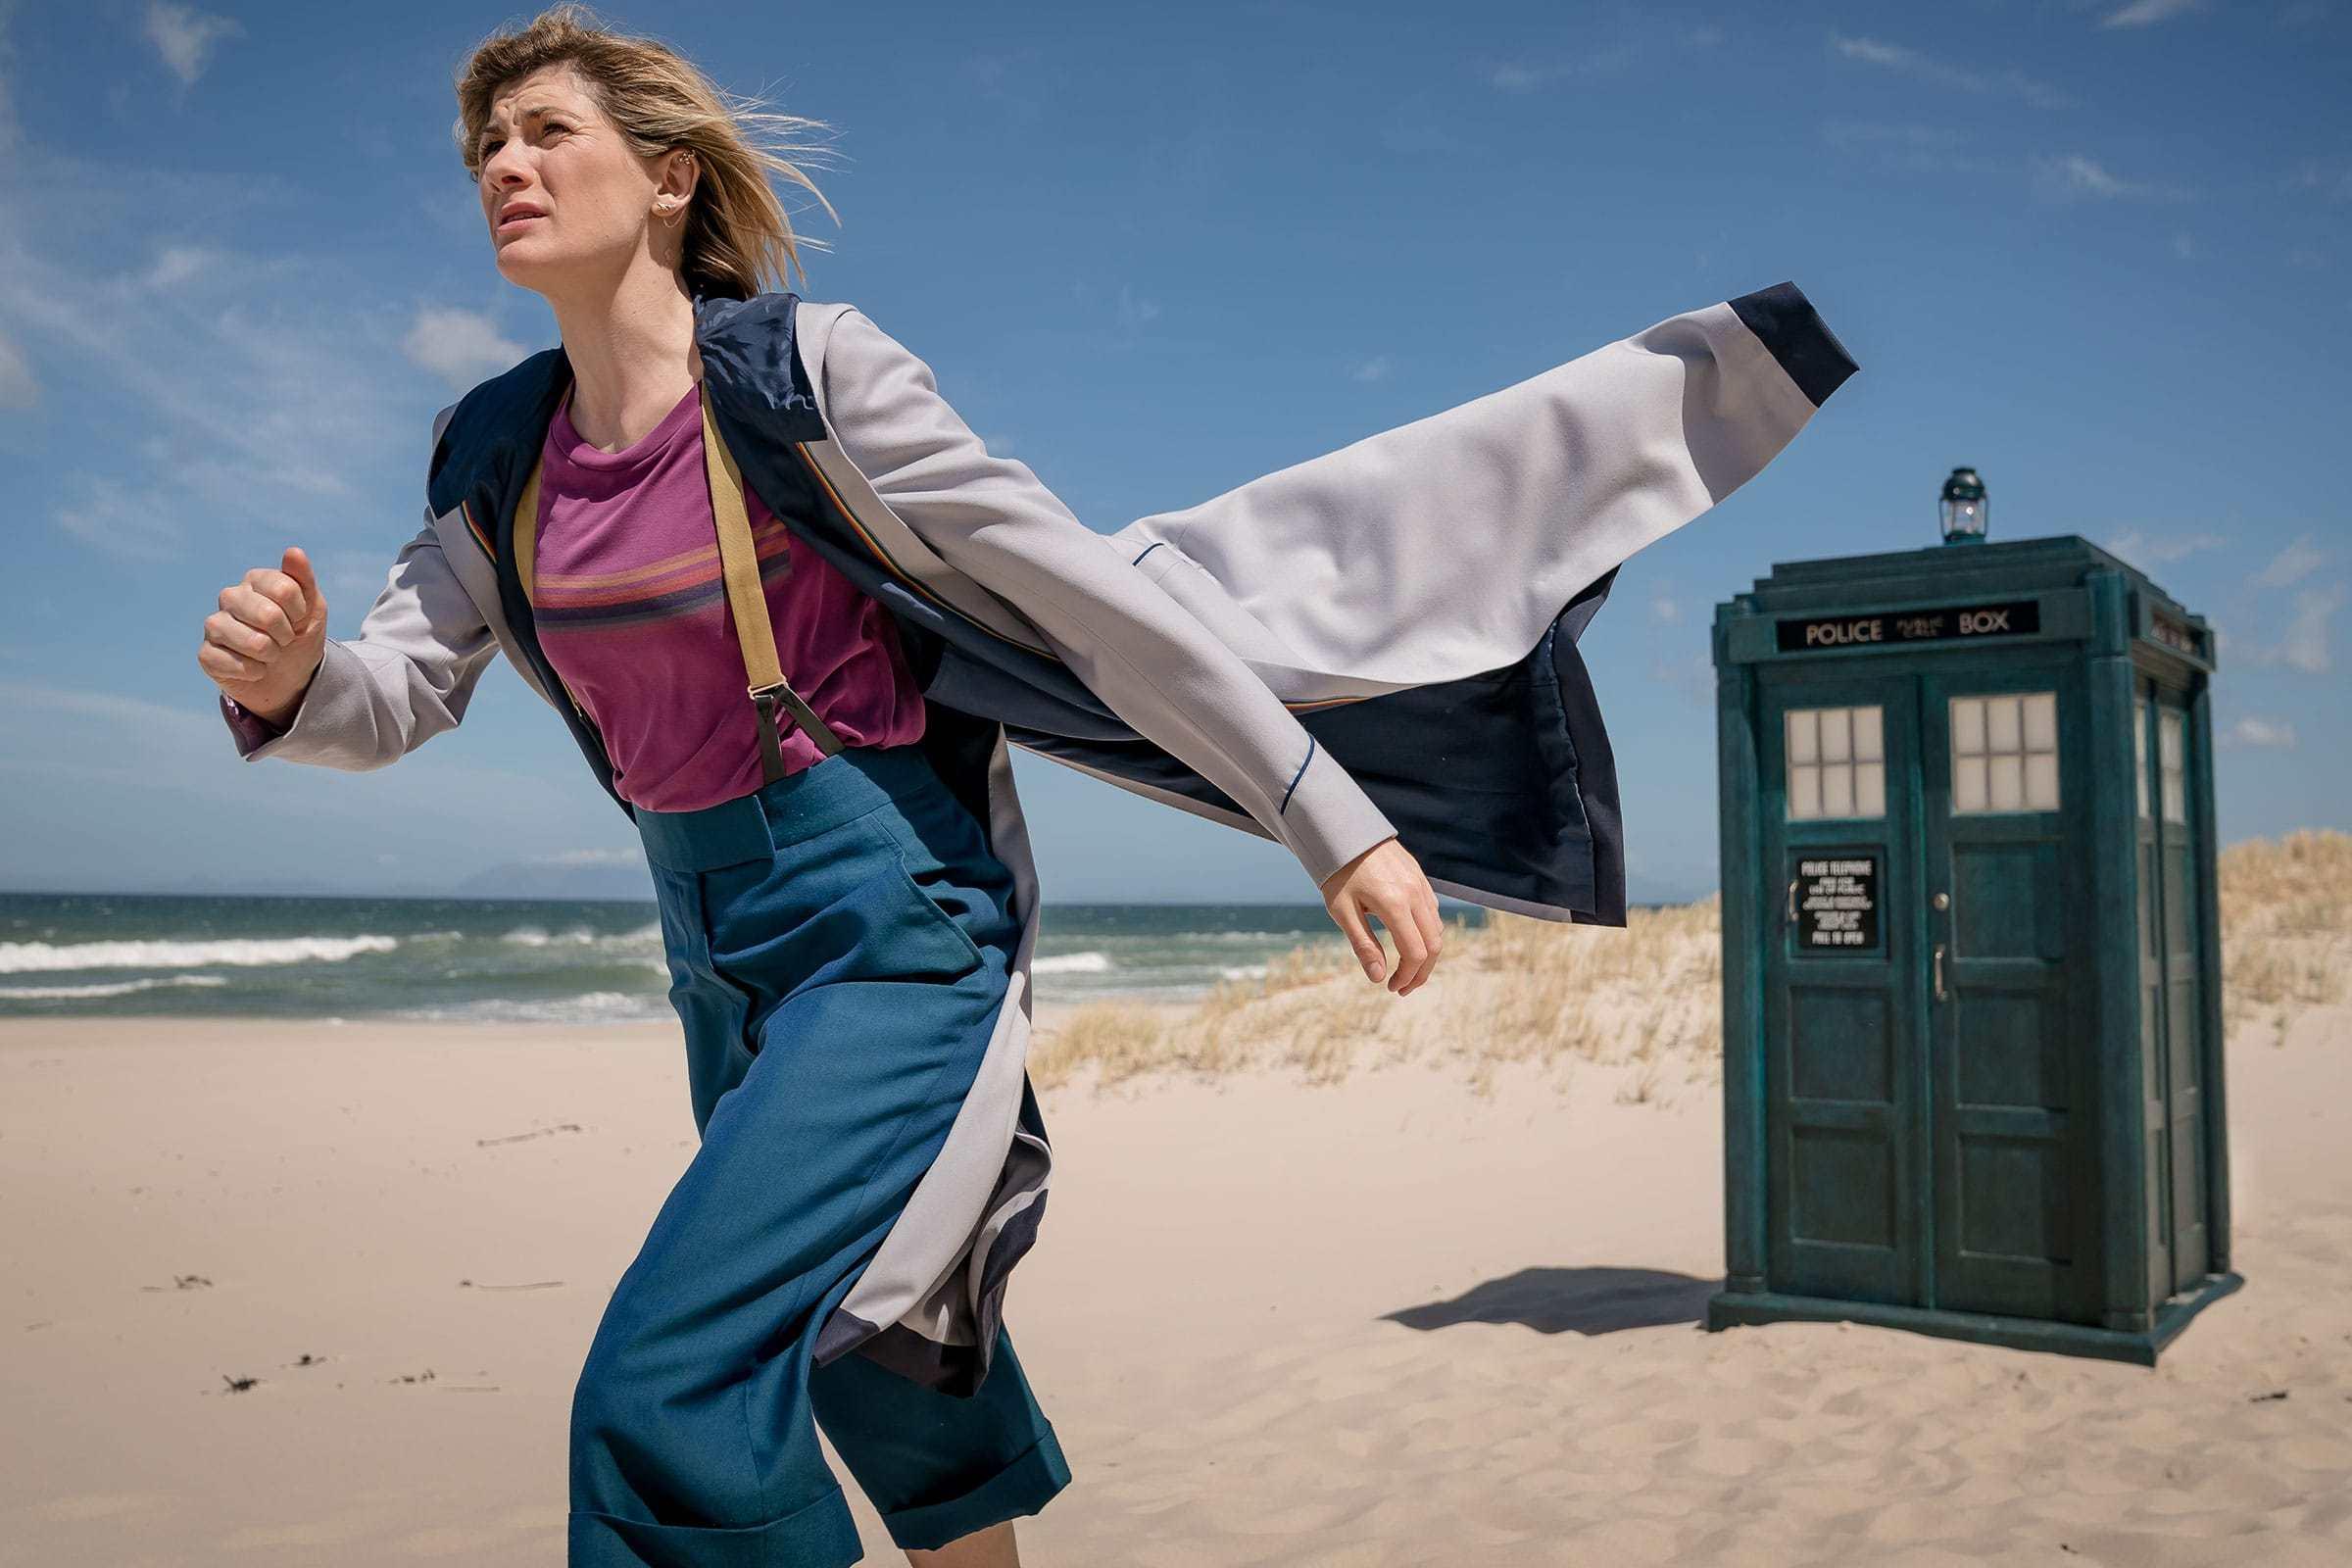 Doctor Who - 12x06 - Praxeus    Cuadro por cuadro    CineAddiction